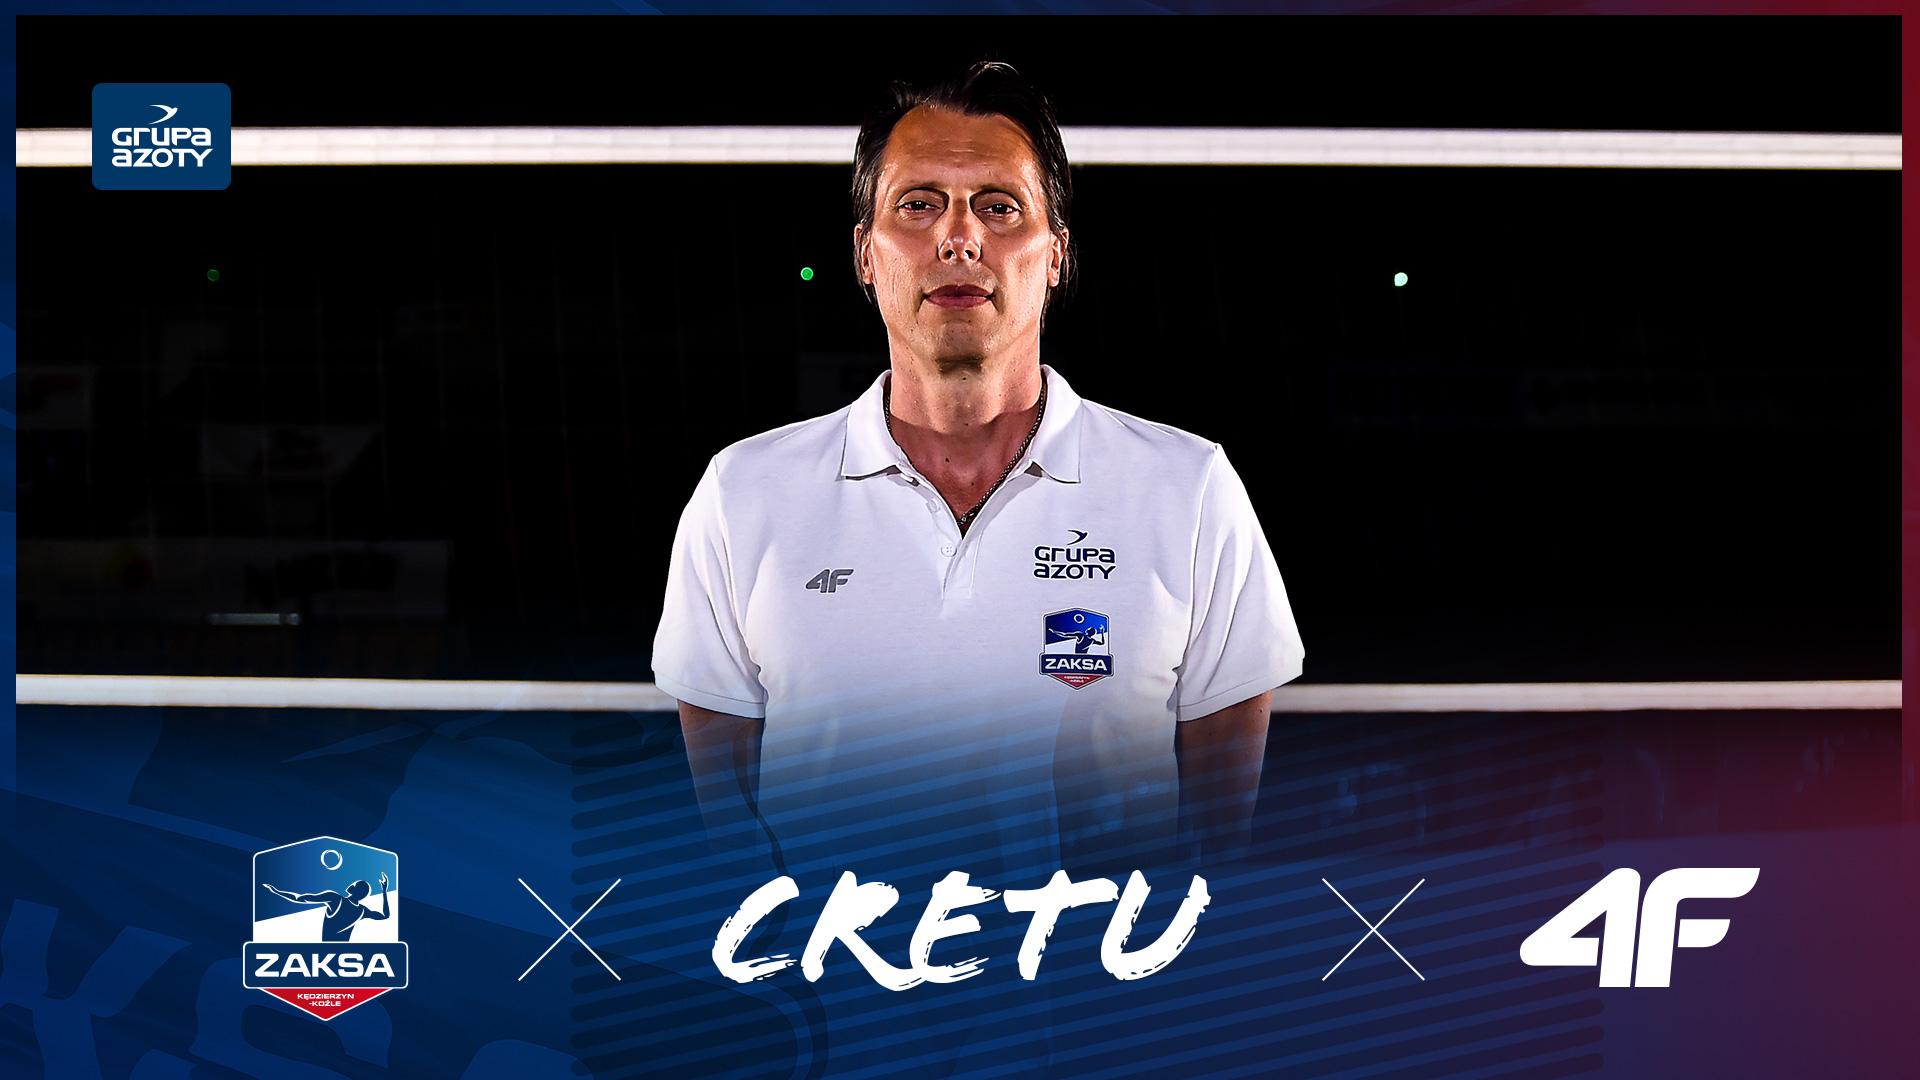 Gheorghe Cretu nowym trenerem Grupy Azoty ZAKSA Kędzierzyn-Koźle